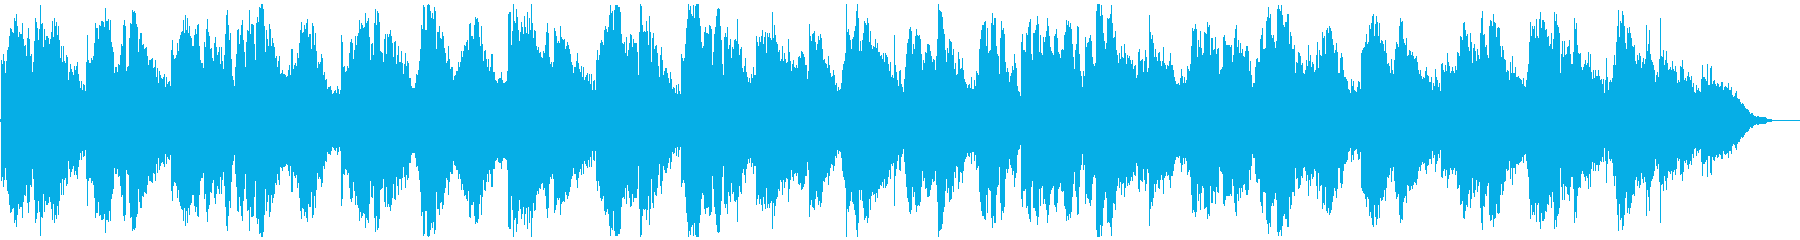 キラキラ神秘的、深海のようなリラックス曲の再生済みの波形